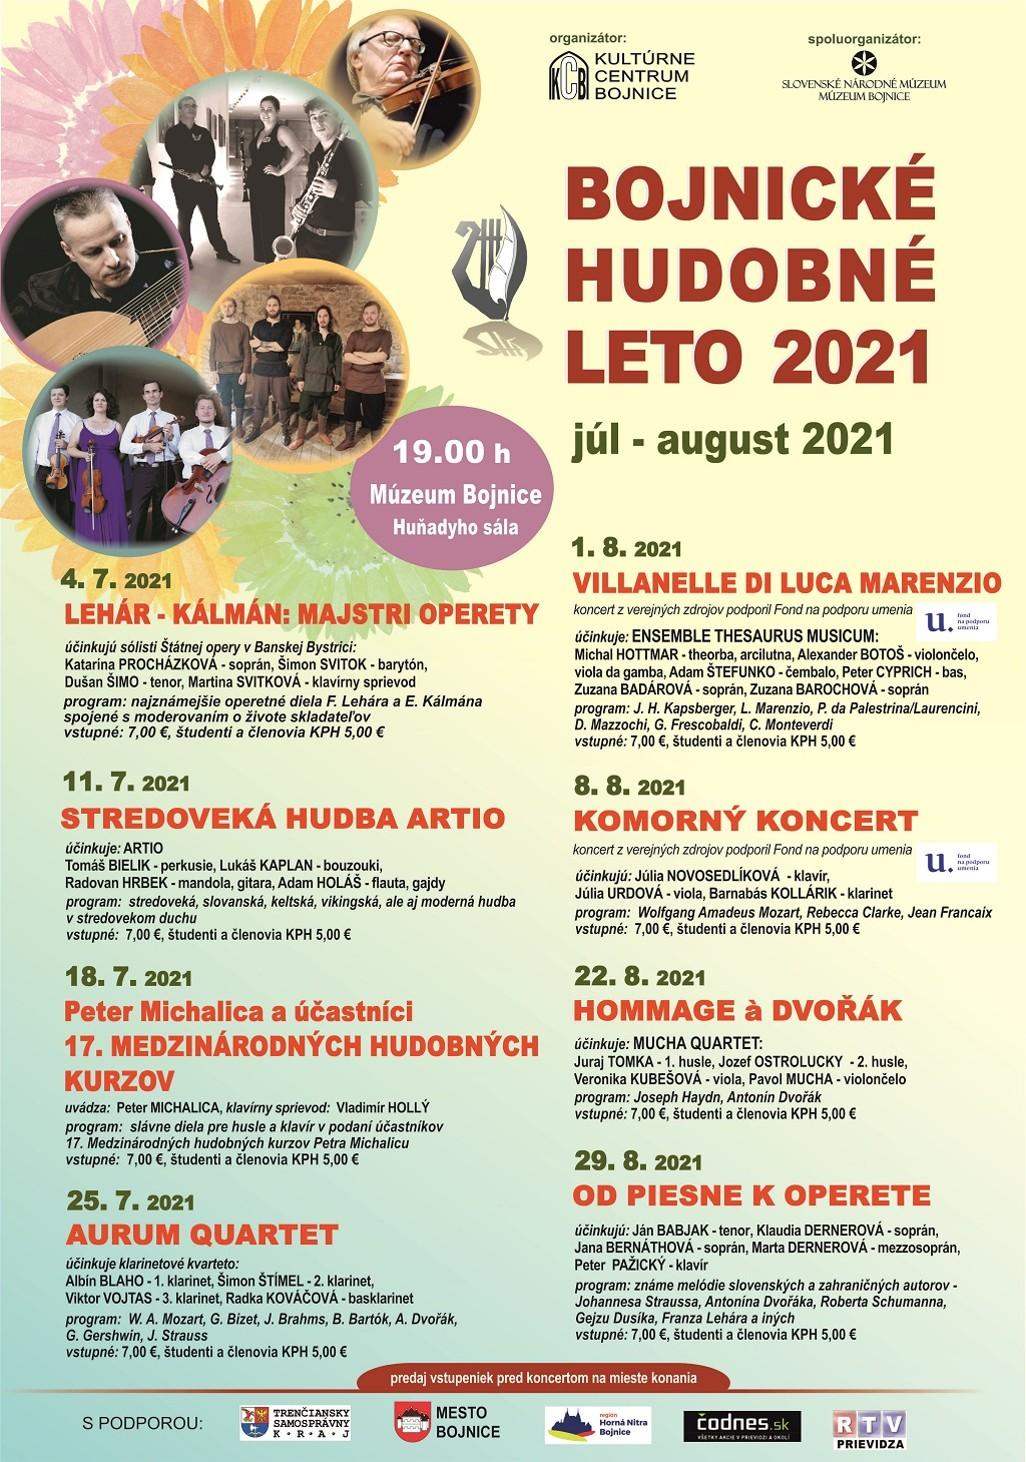 Bojnice: Bonické kultúrne leto 2021 - Koncerty na Bojnickom zámku